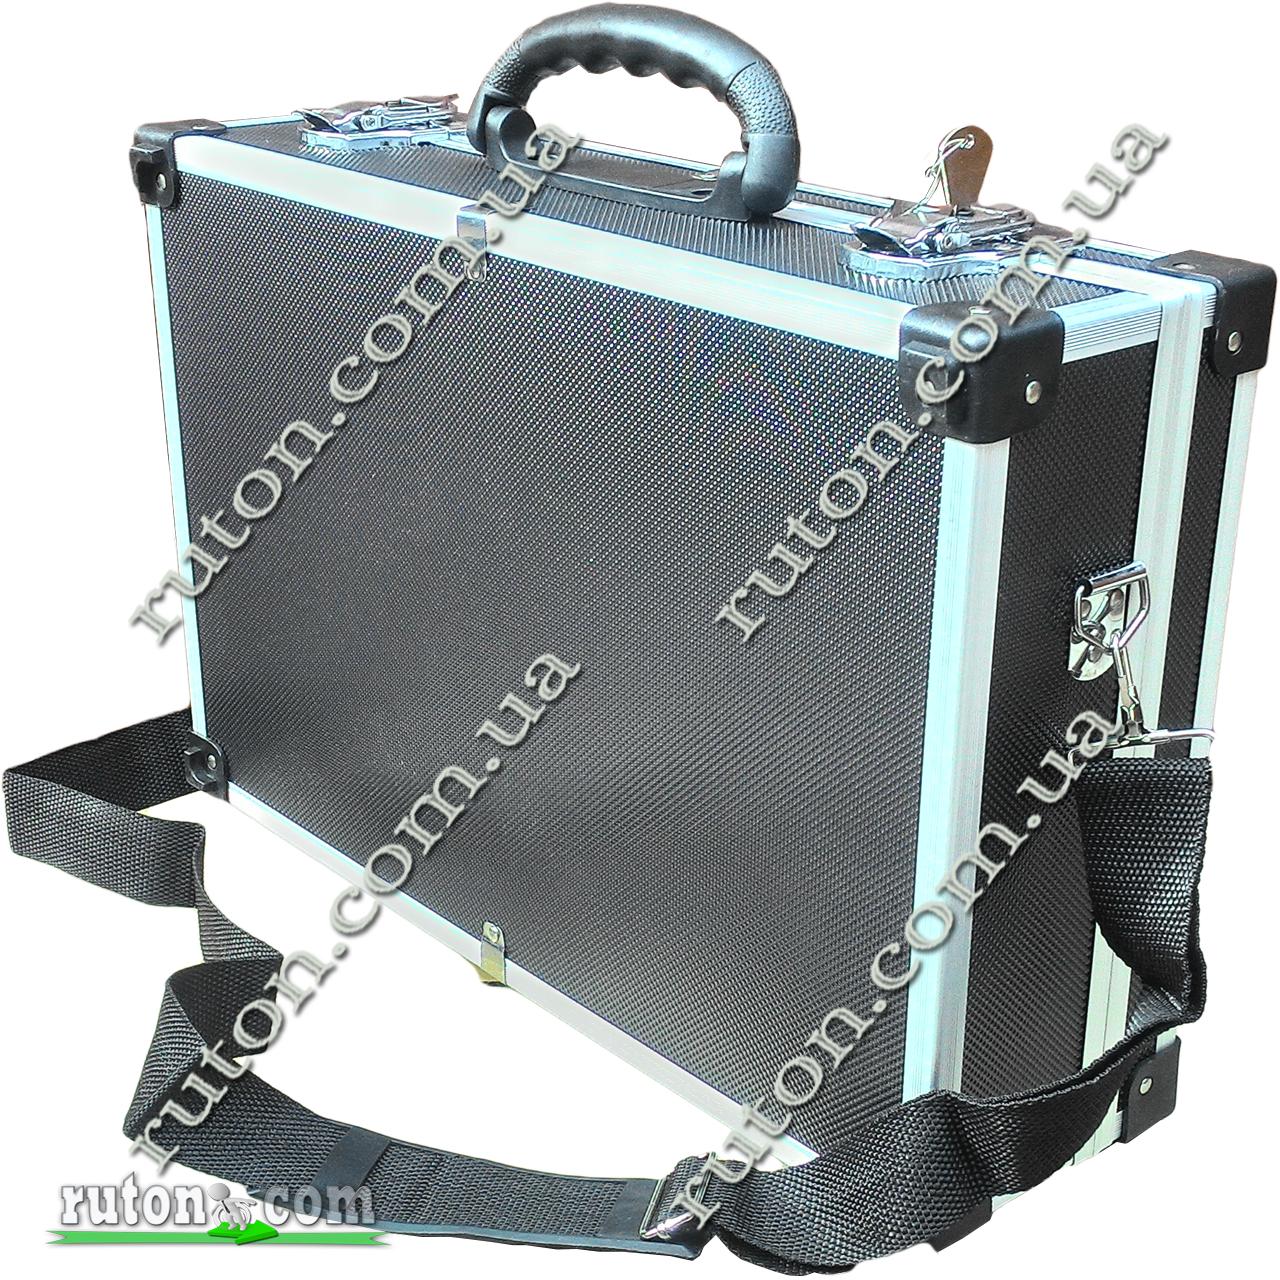 Ящик, кейс, дипломат для косметики, мелочей, инструментов алюминиевый 425*285*120 мм